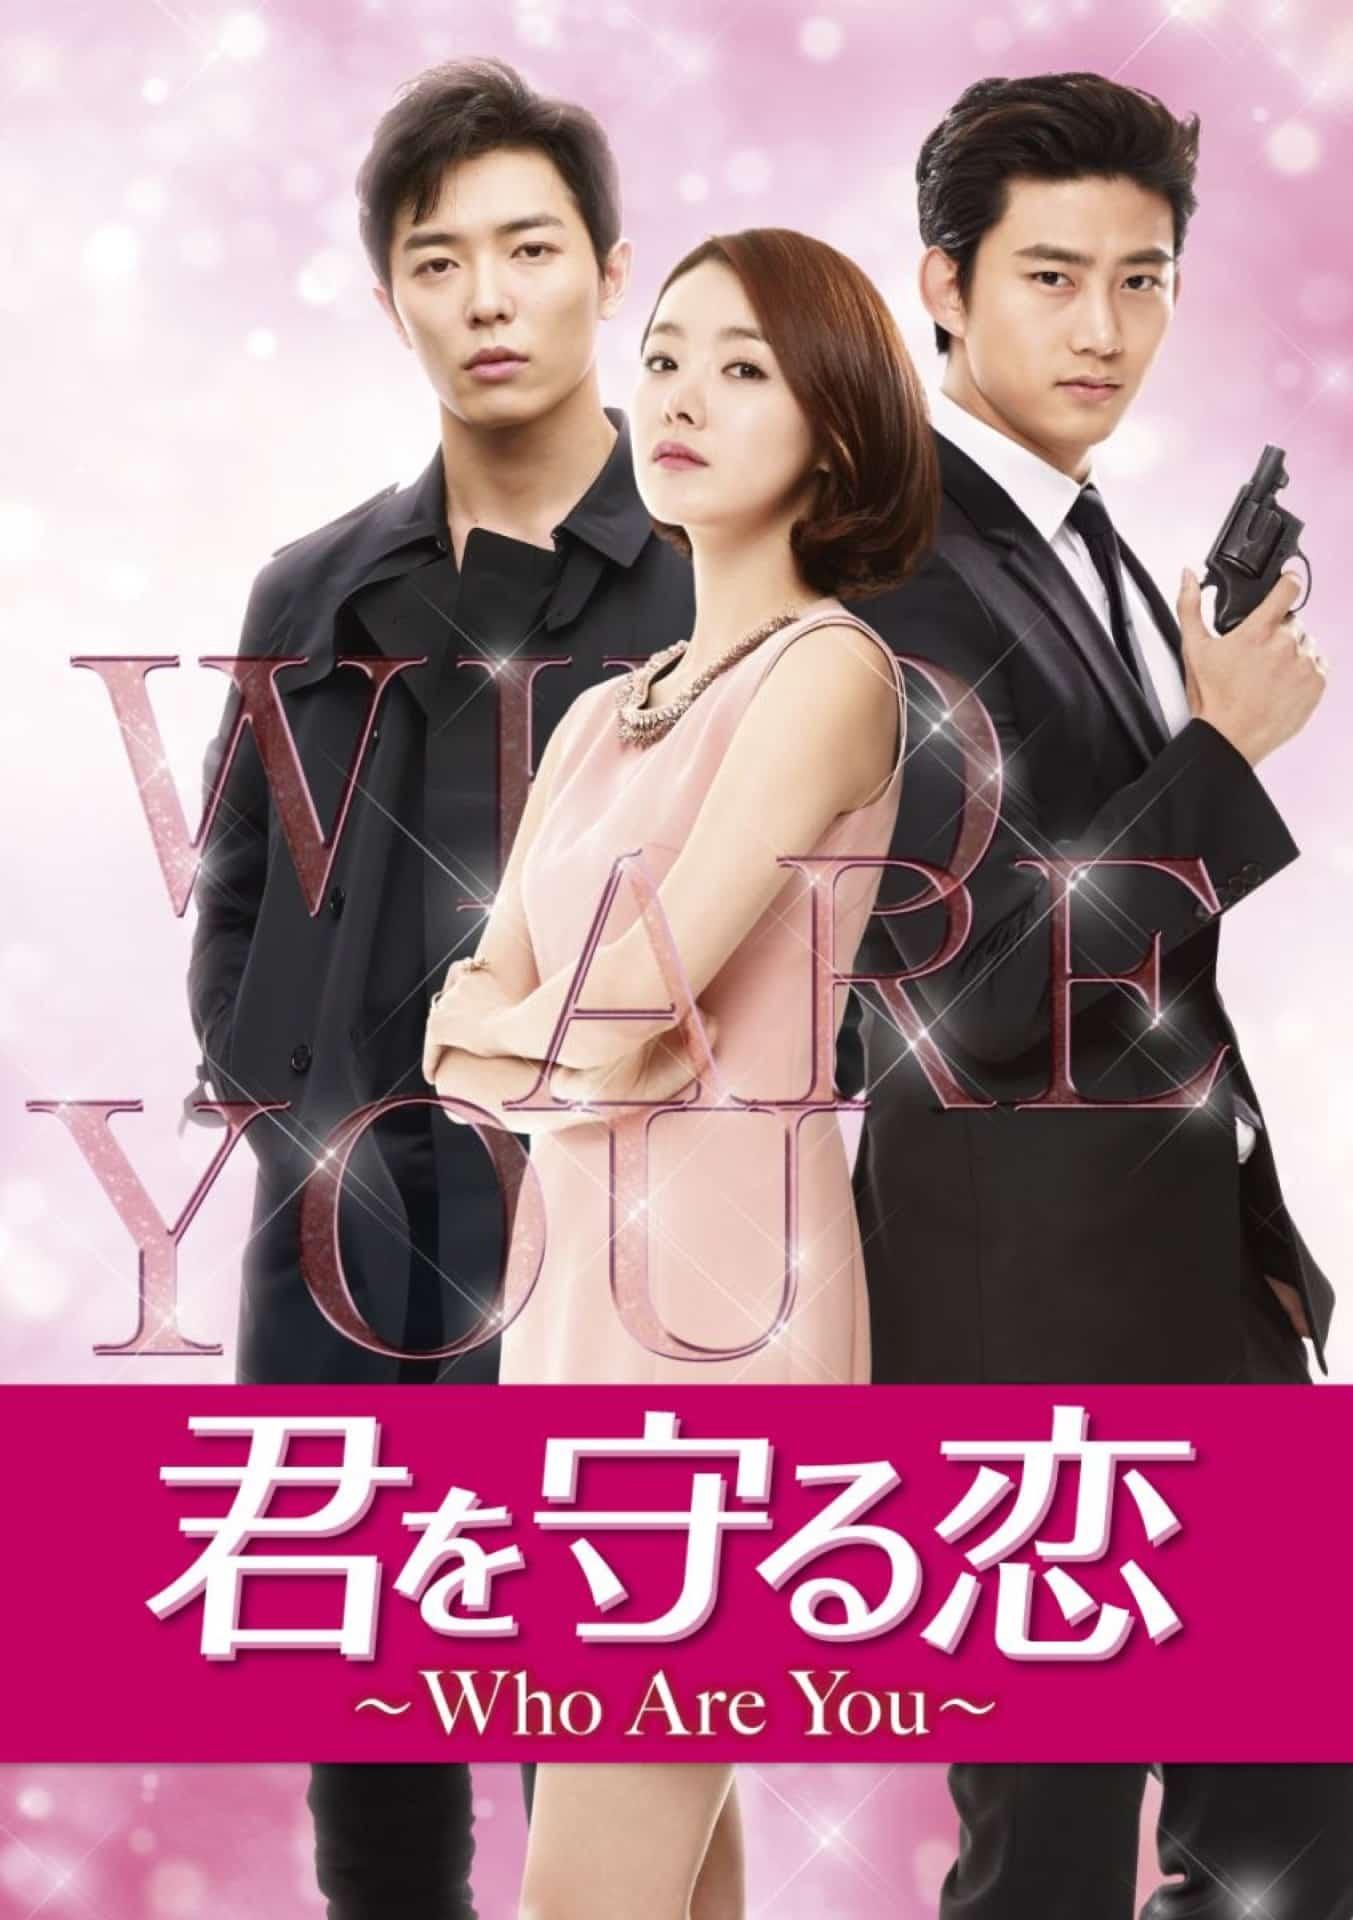 韓流が充実!Netflix(ネットフリックス)で観られるおすすめ韓国ドラマ一覧